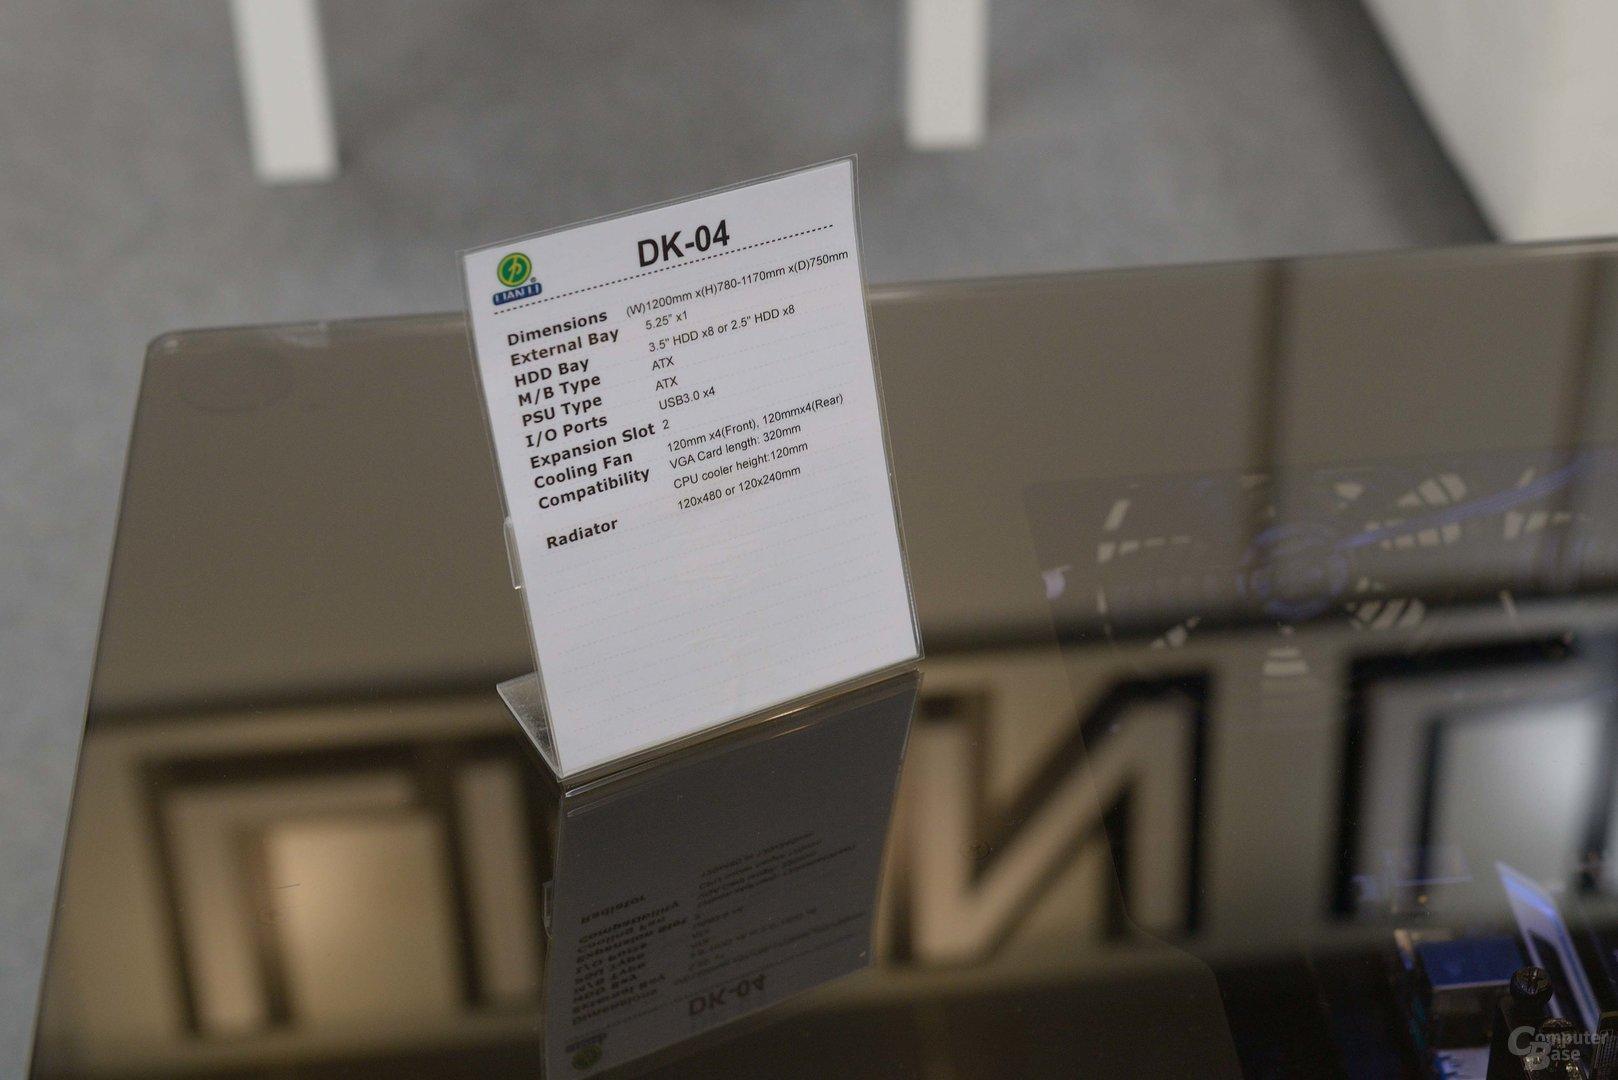 Lian Li DK-04